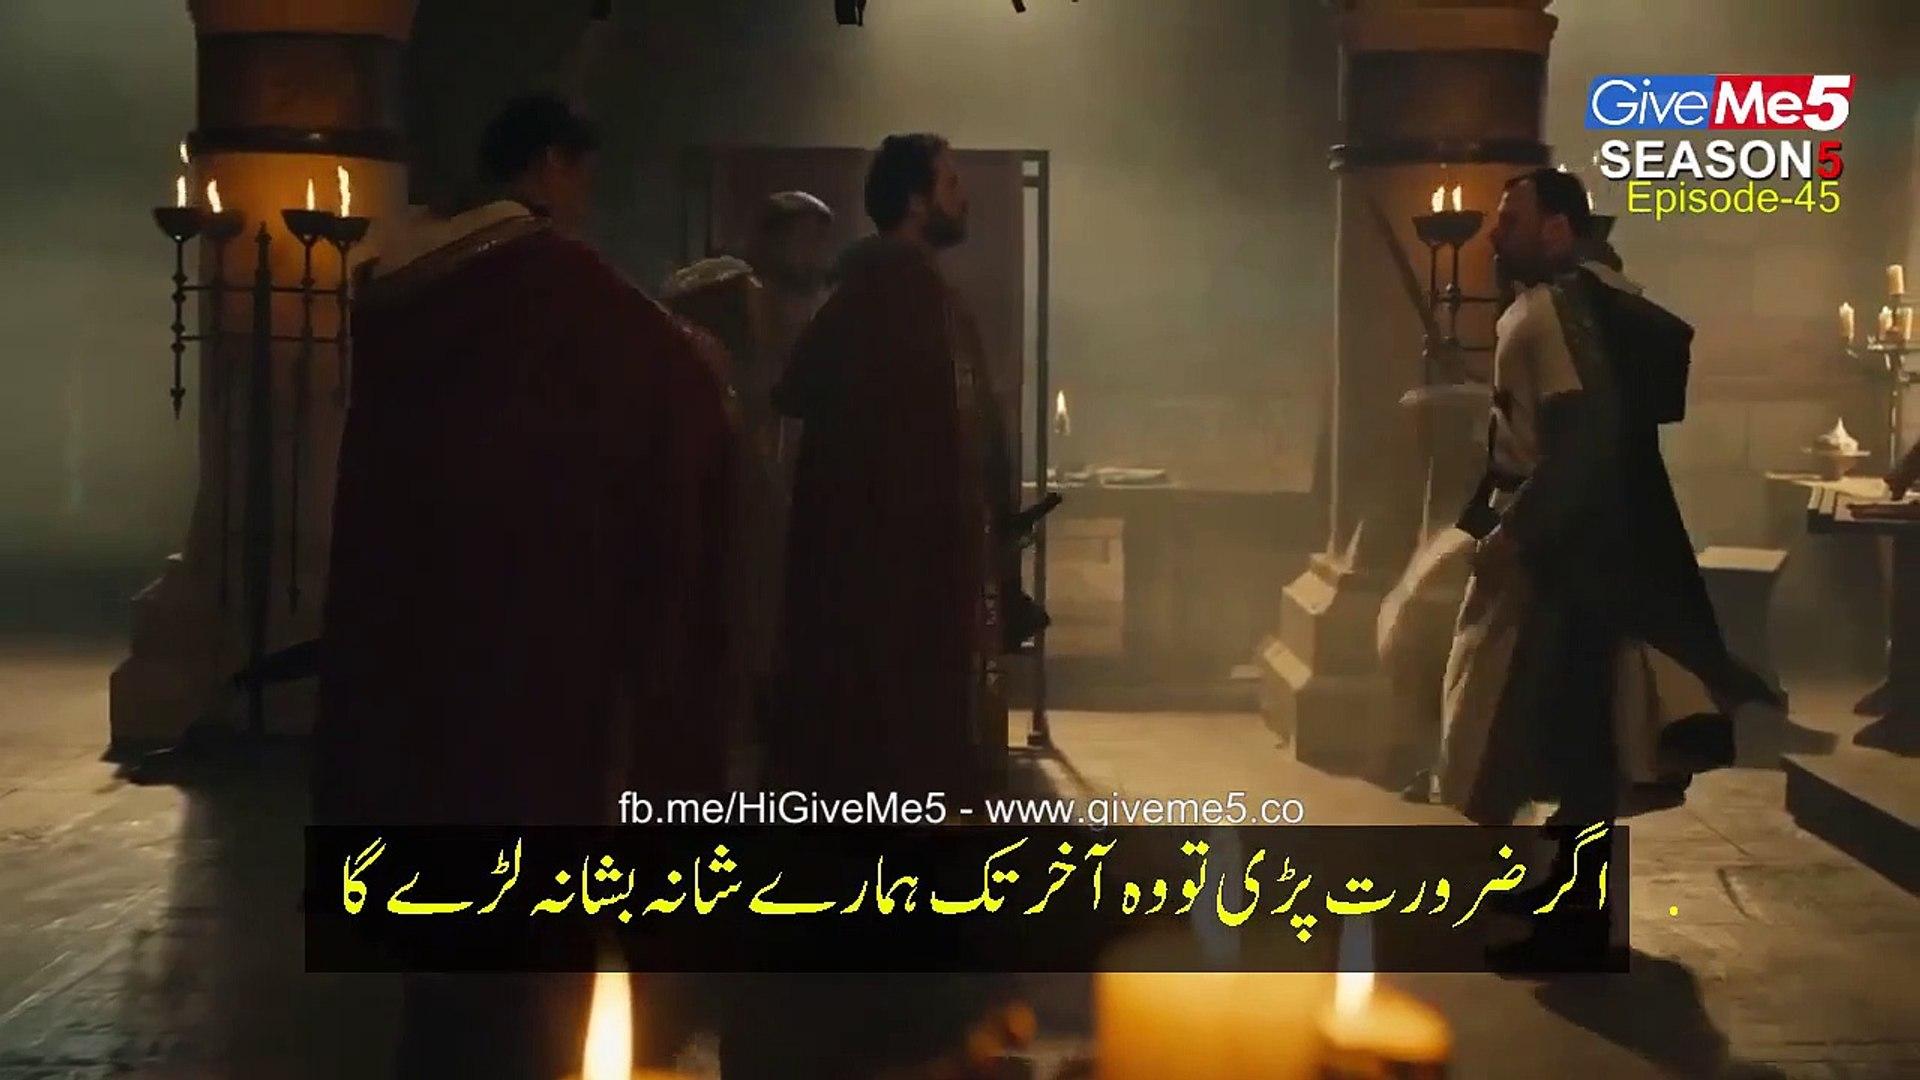 Dirilis Ertugrul Ghazi Season 5 in Urdu Subtitle Episode 45 & 46 (Part 1)